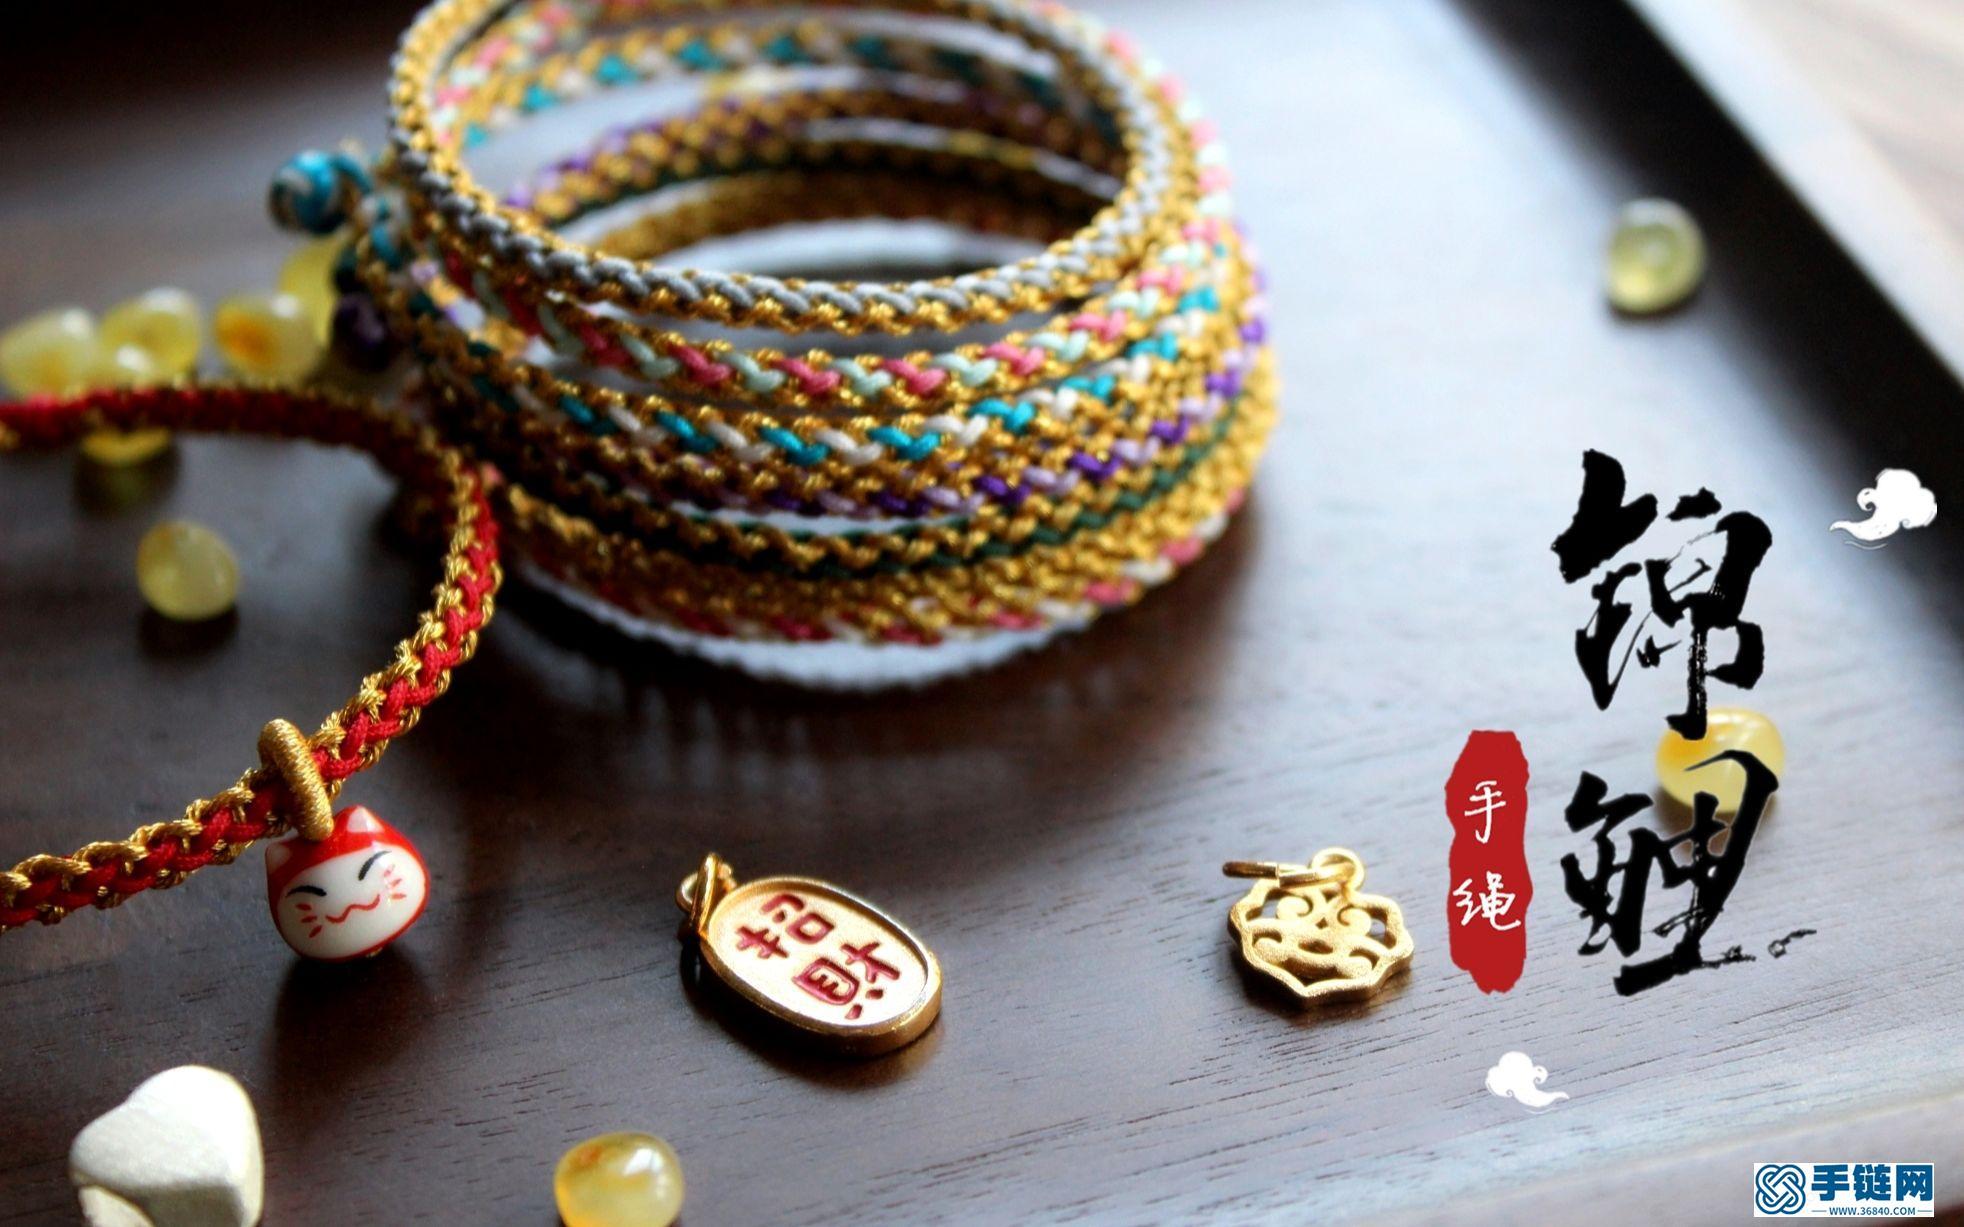 锦鲤 幸运端午手绳 超级简单的盘编手绳 可以穿招财猫转运珠和小吊坠的百搭手链